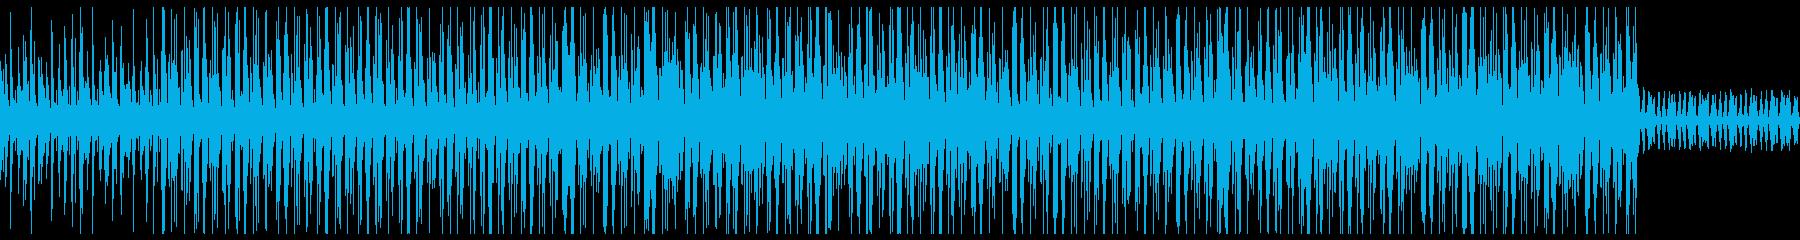 ダーク 洋楽 トラップビートの再生済みの波形